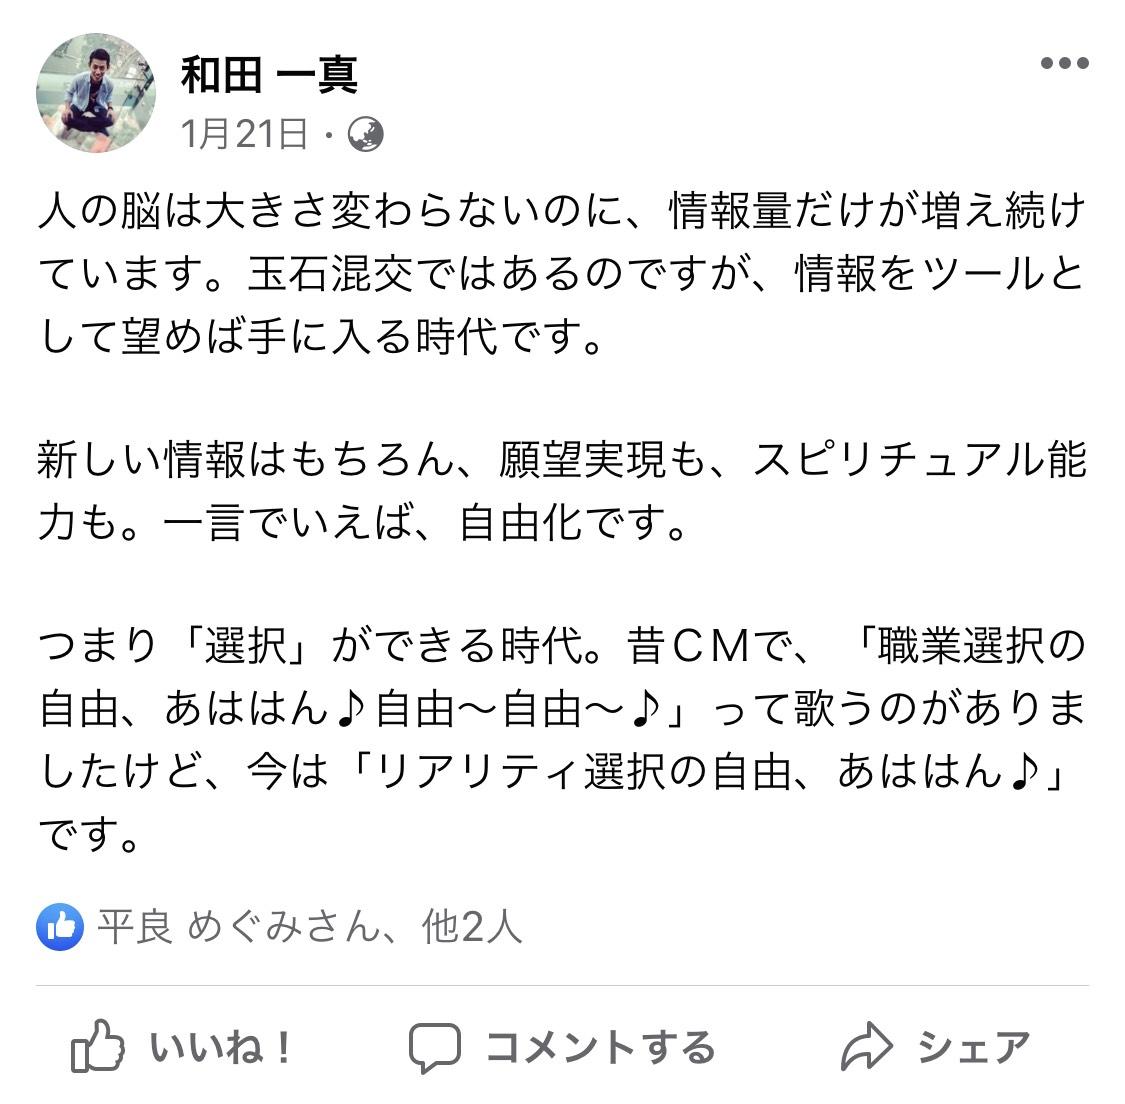 f:id:wadakazuma:20210511073634j:plain